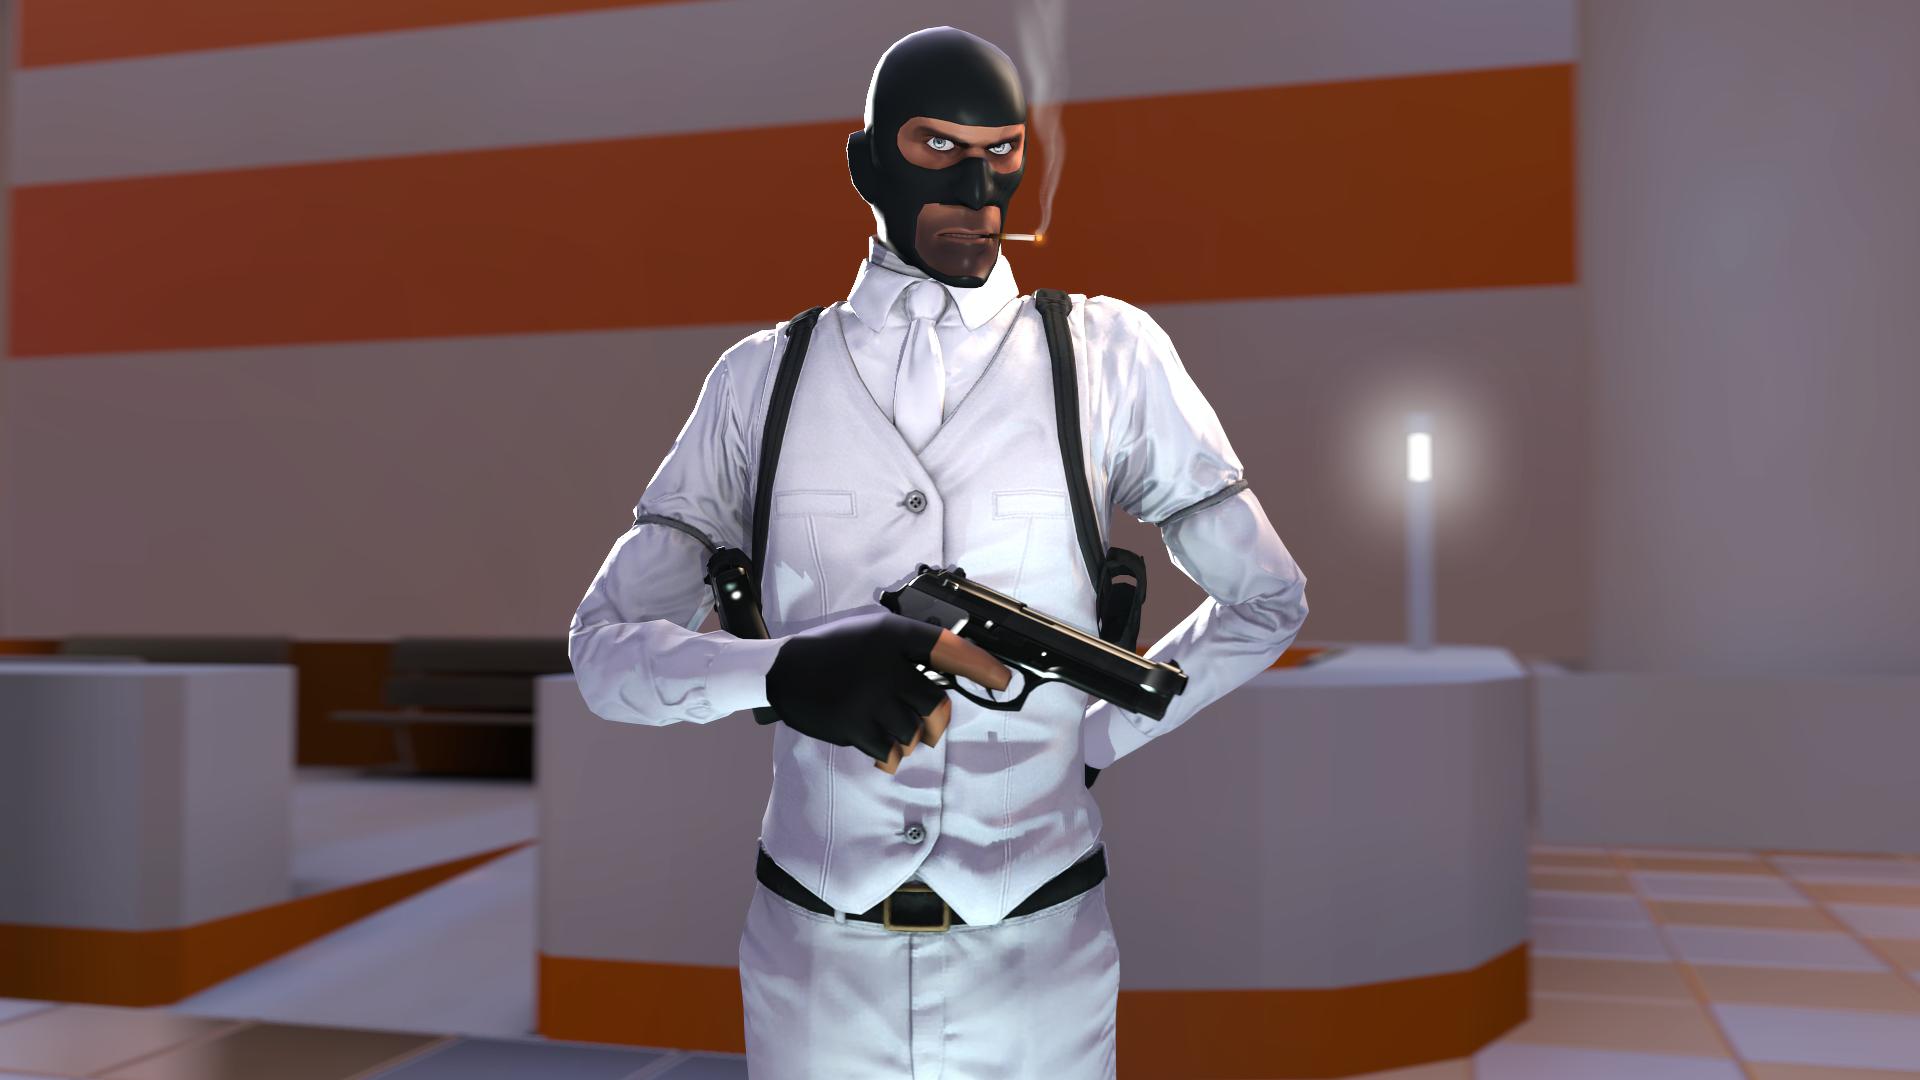 Detective spy by STBlackST